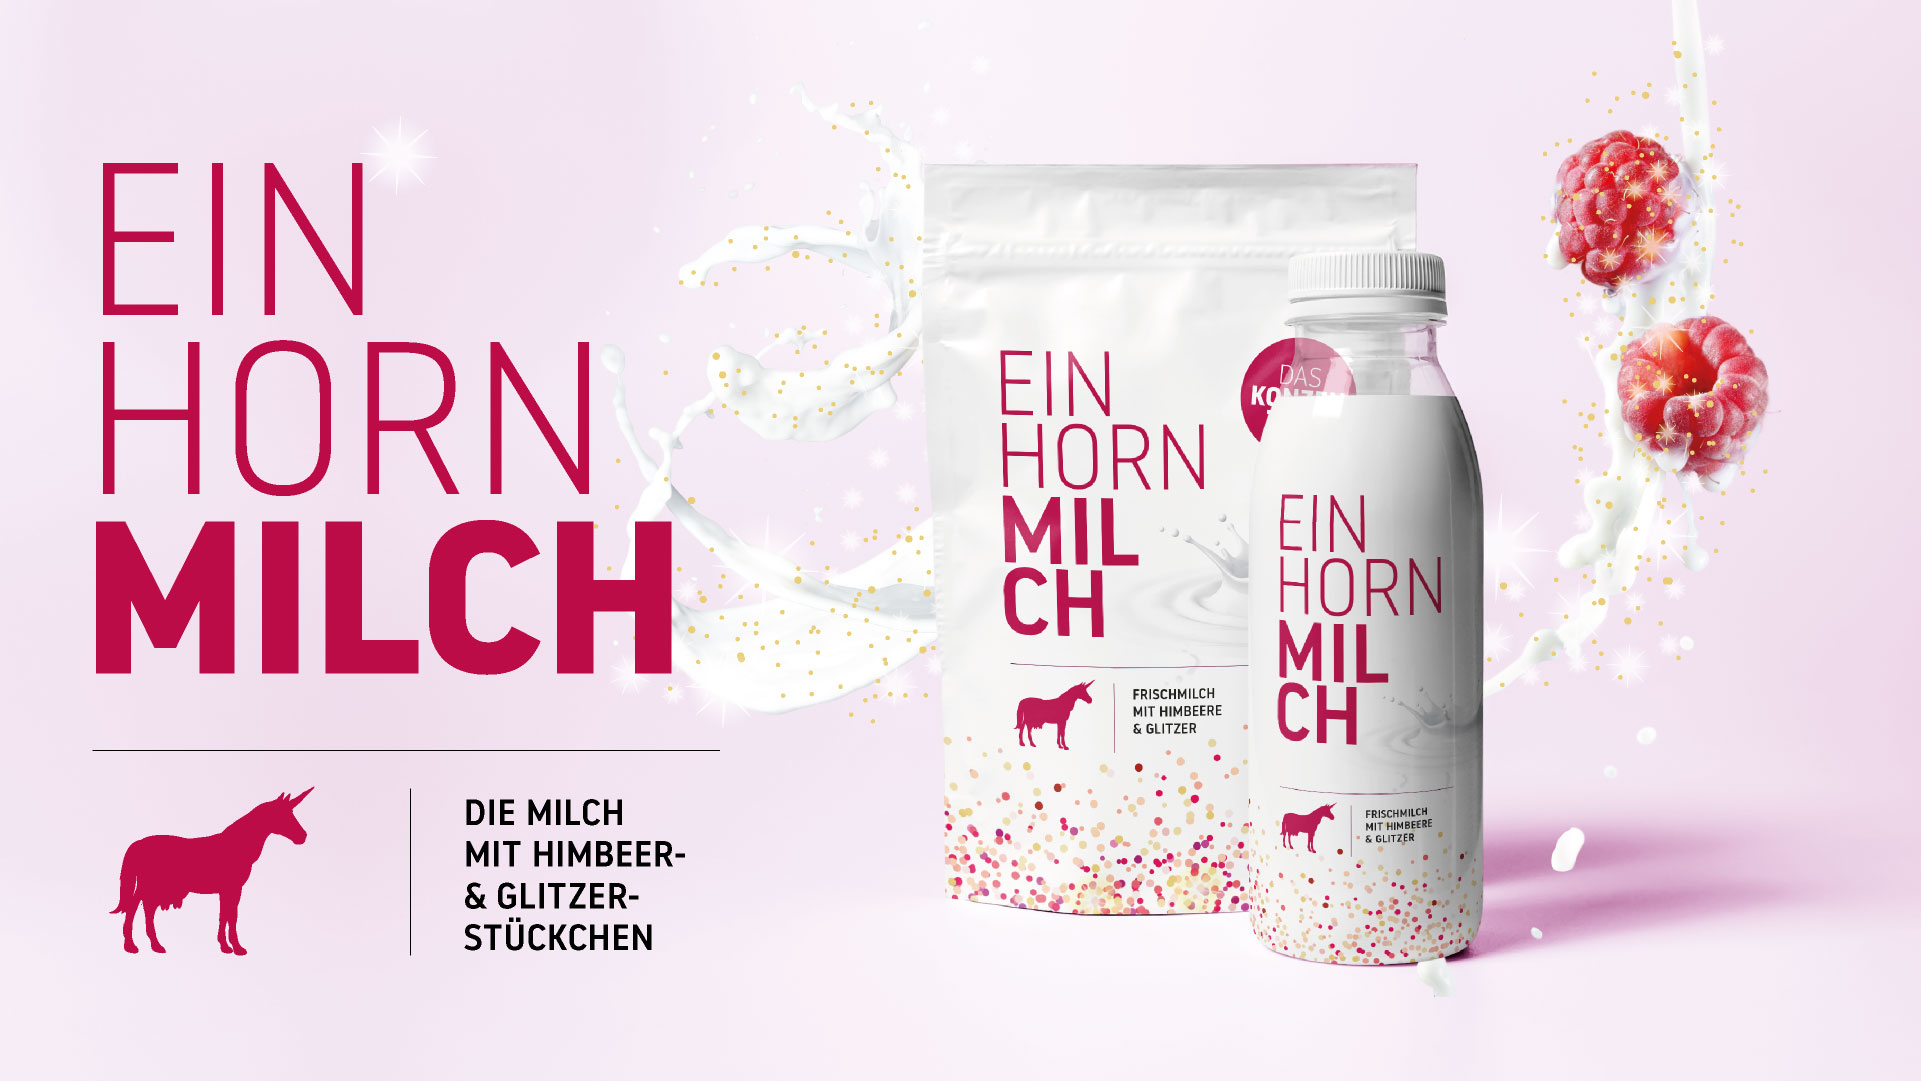 einhorn_milch_homepage